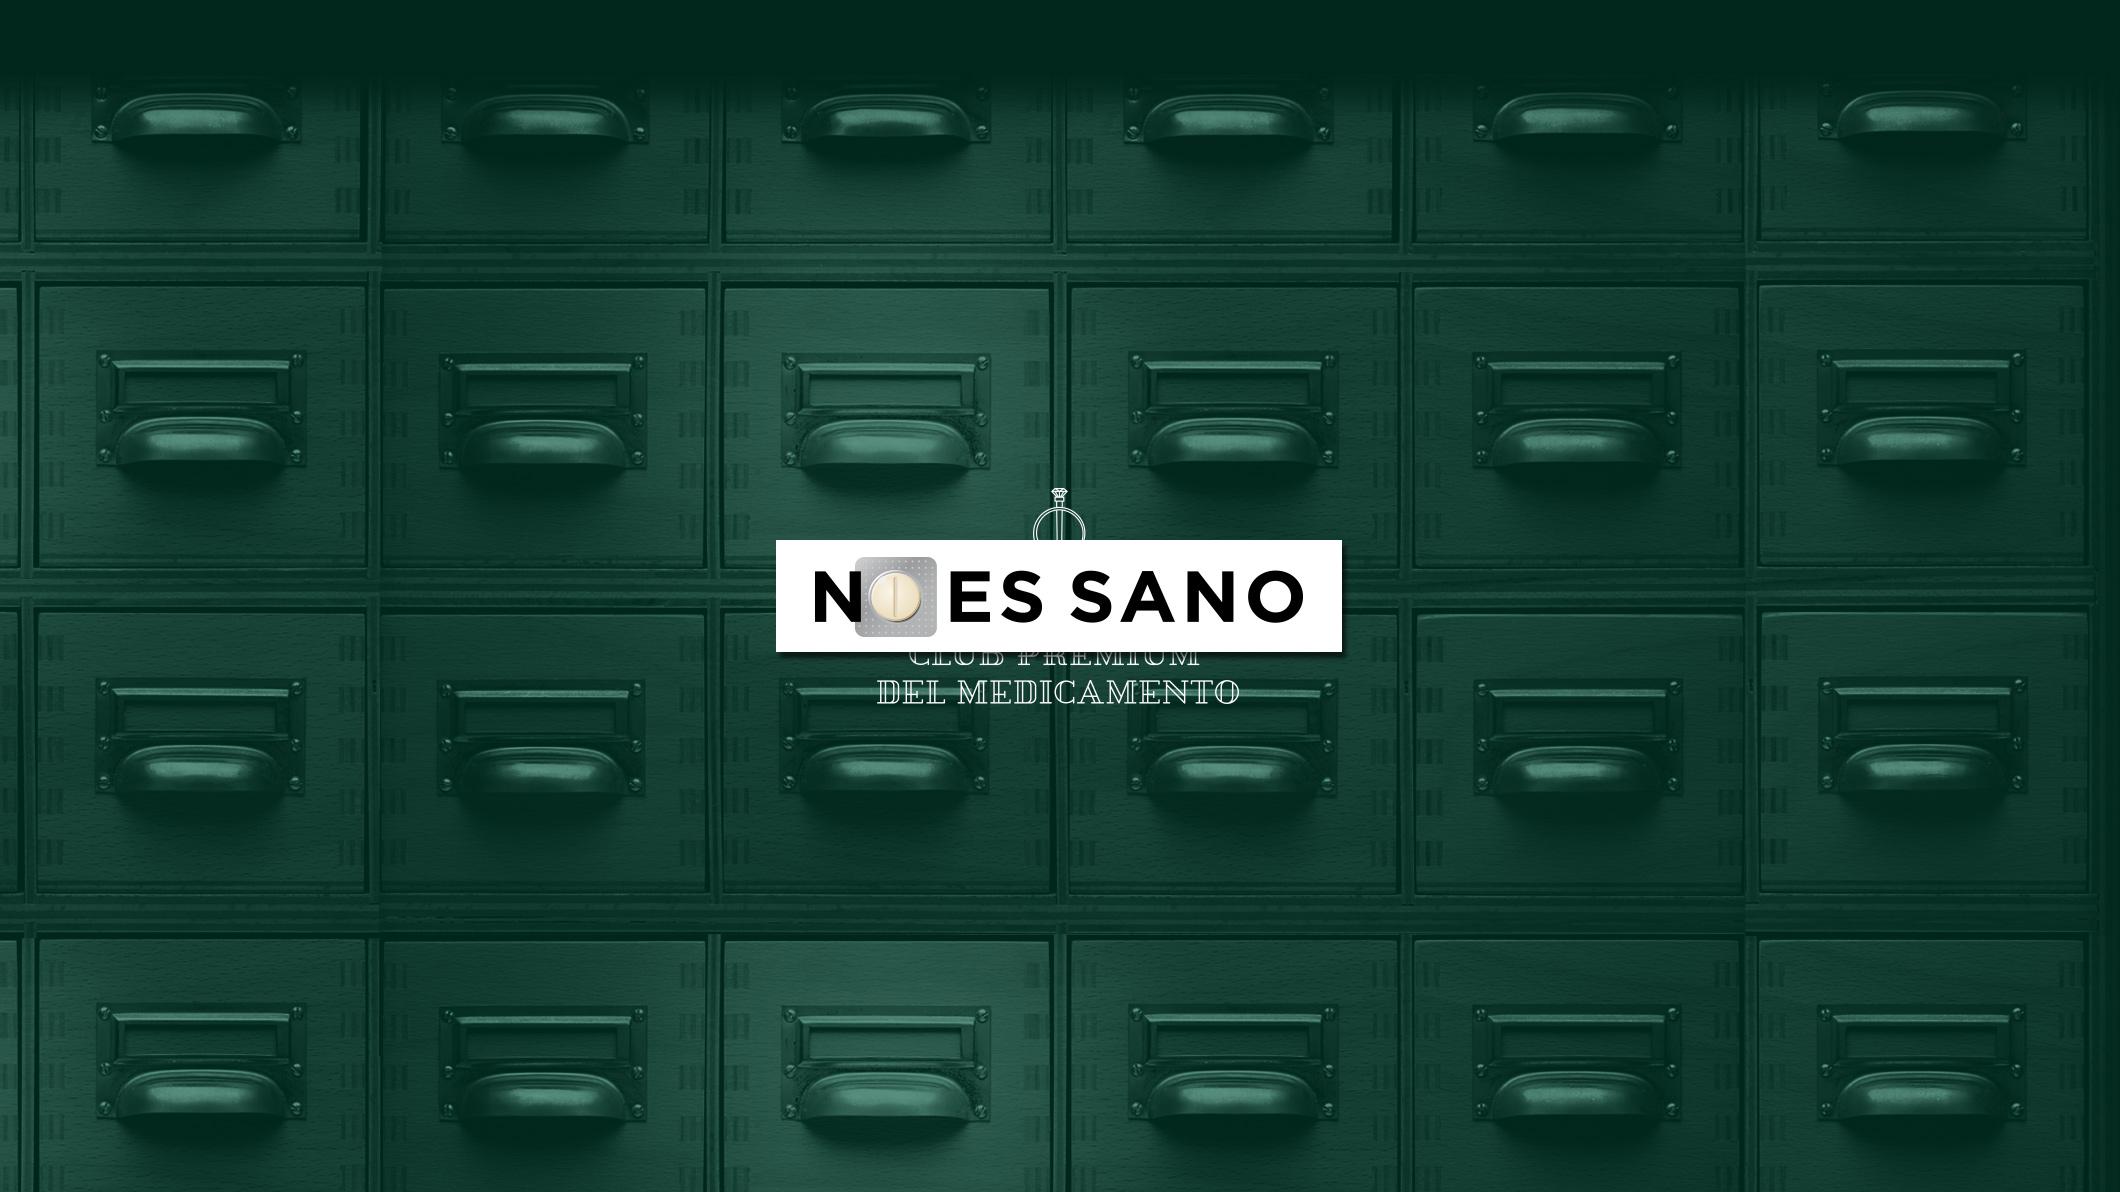 No Es Sano Medicamentos - MdM España